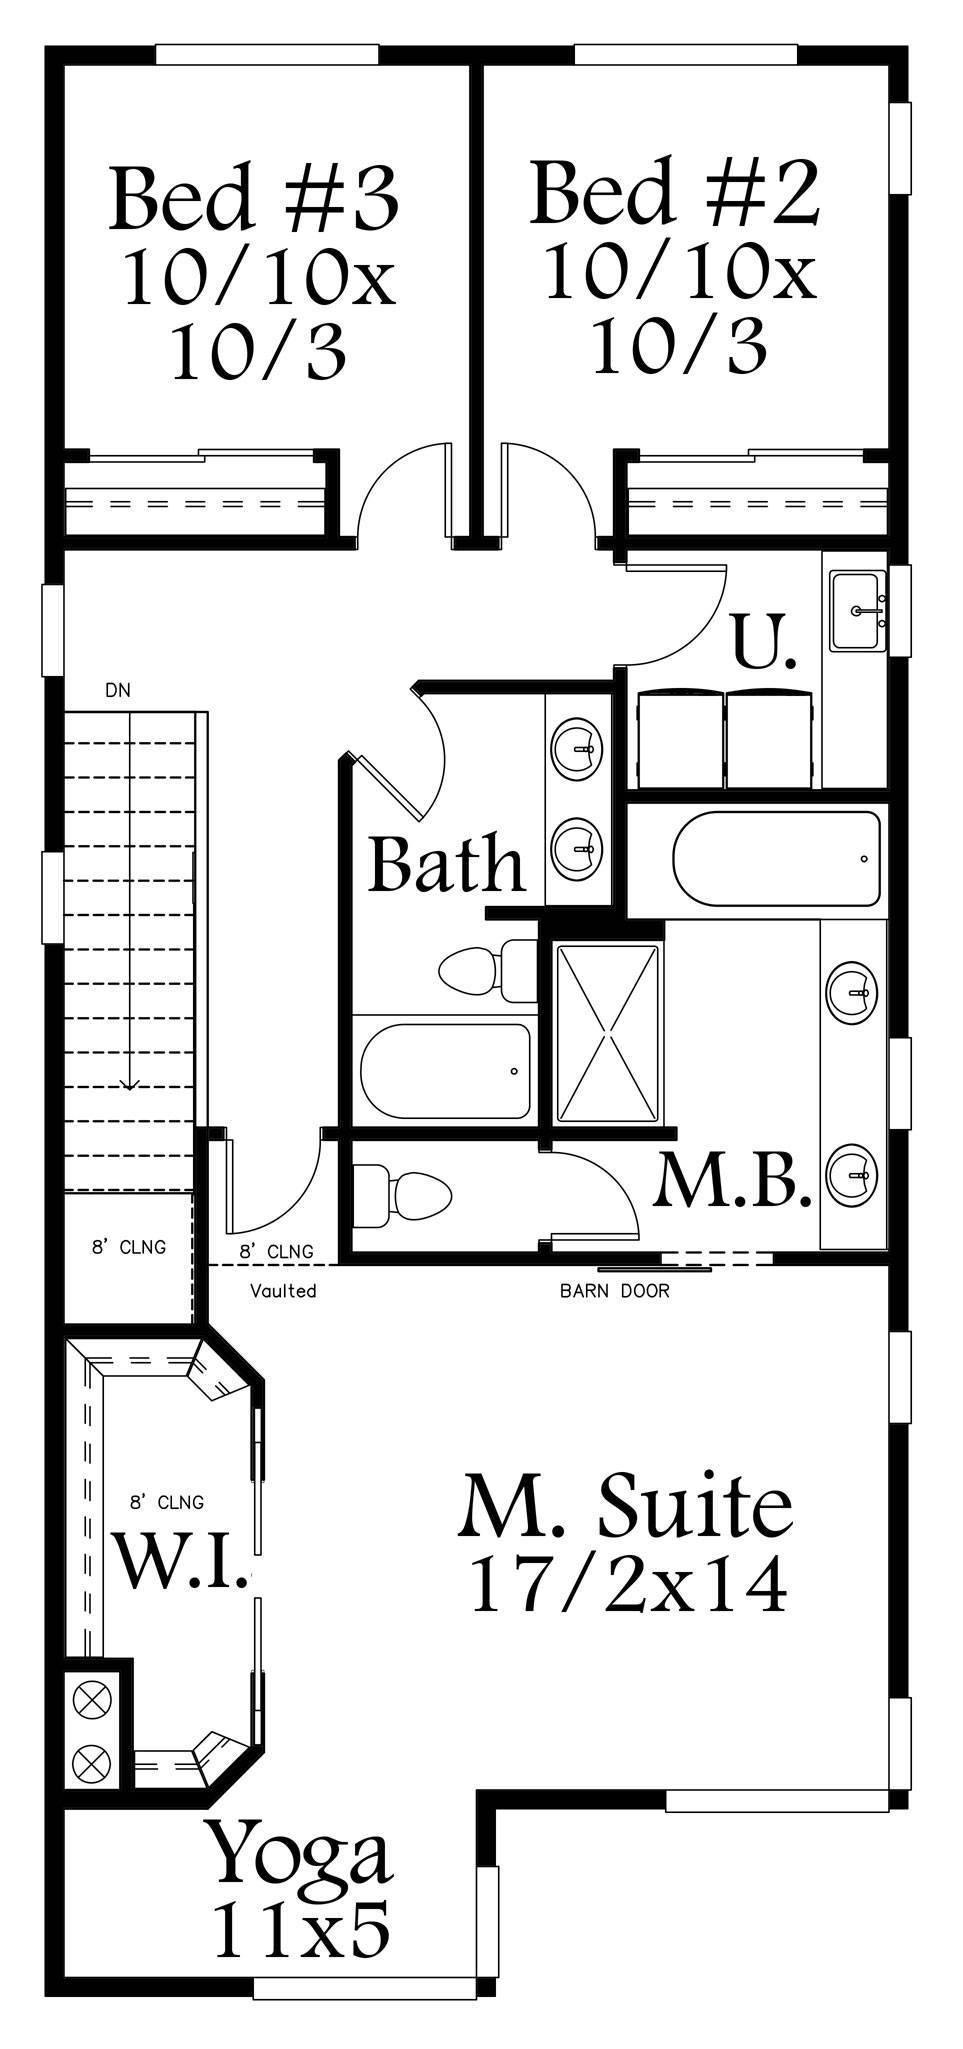 city of seaside master plan pdf